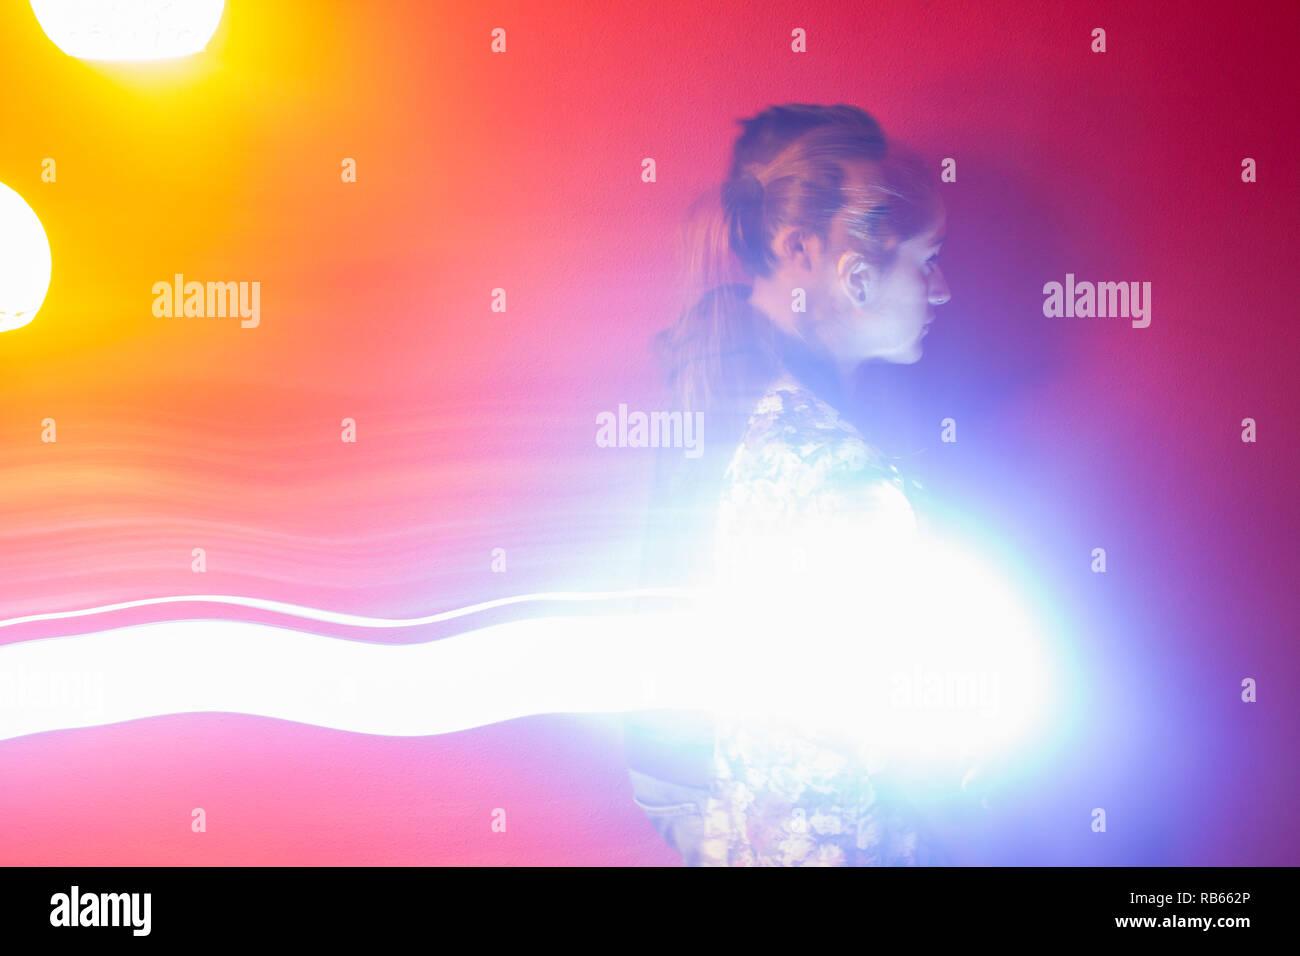 Un paio di giovani donne e uomini con trasparenza, con sfondo rosso e luci luminose Immagini Stock